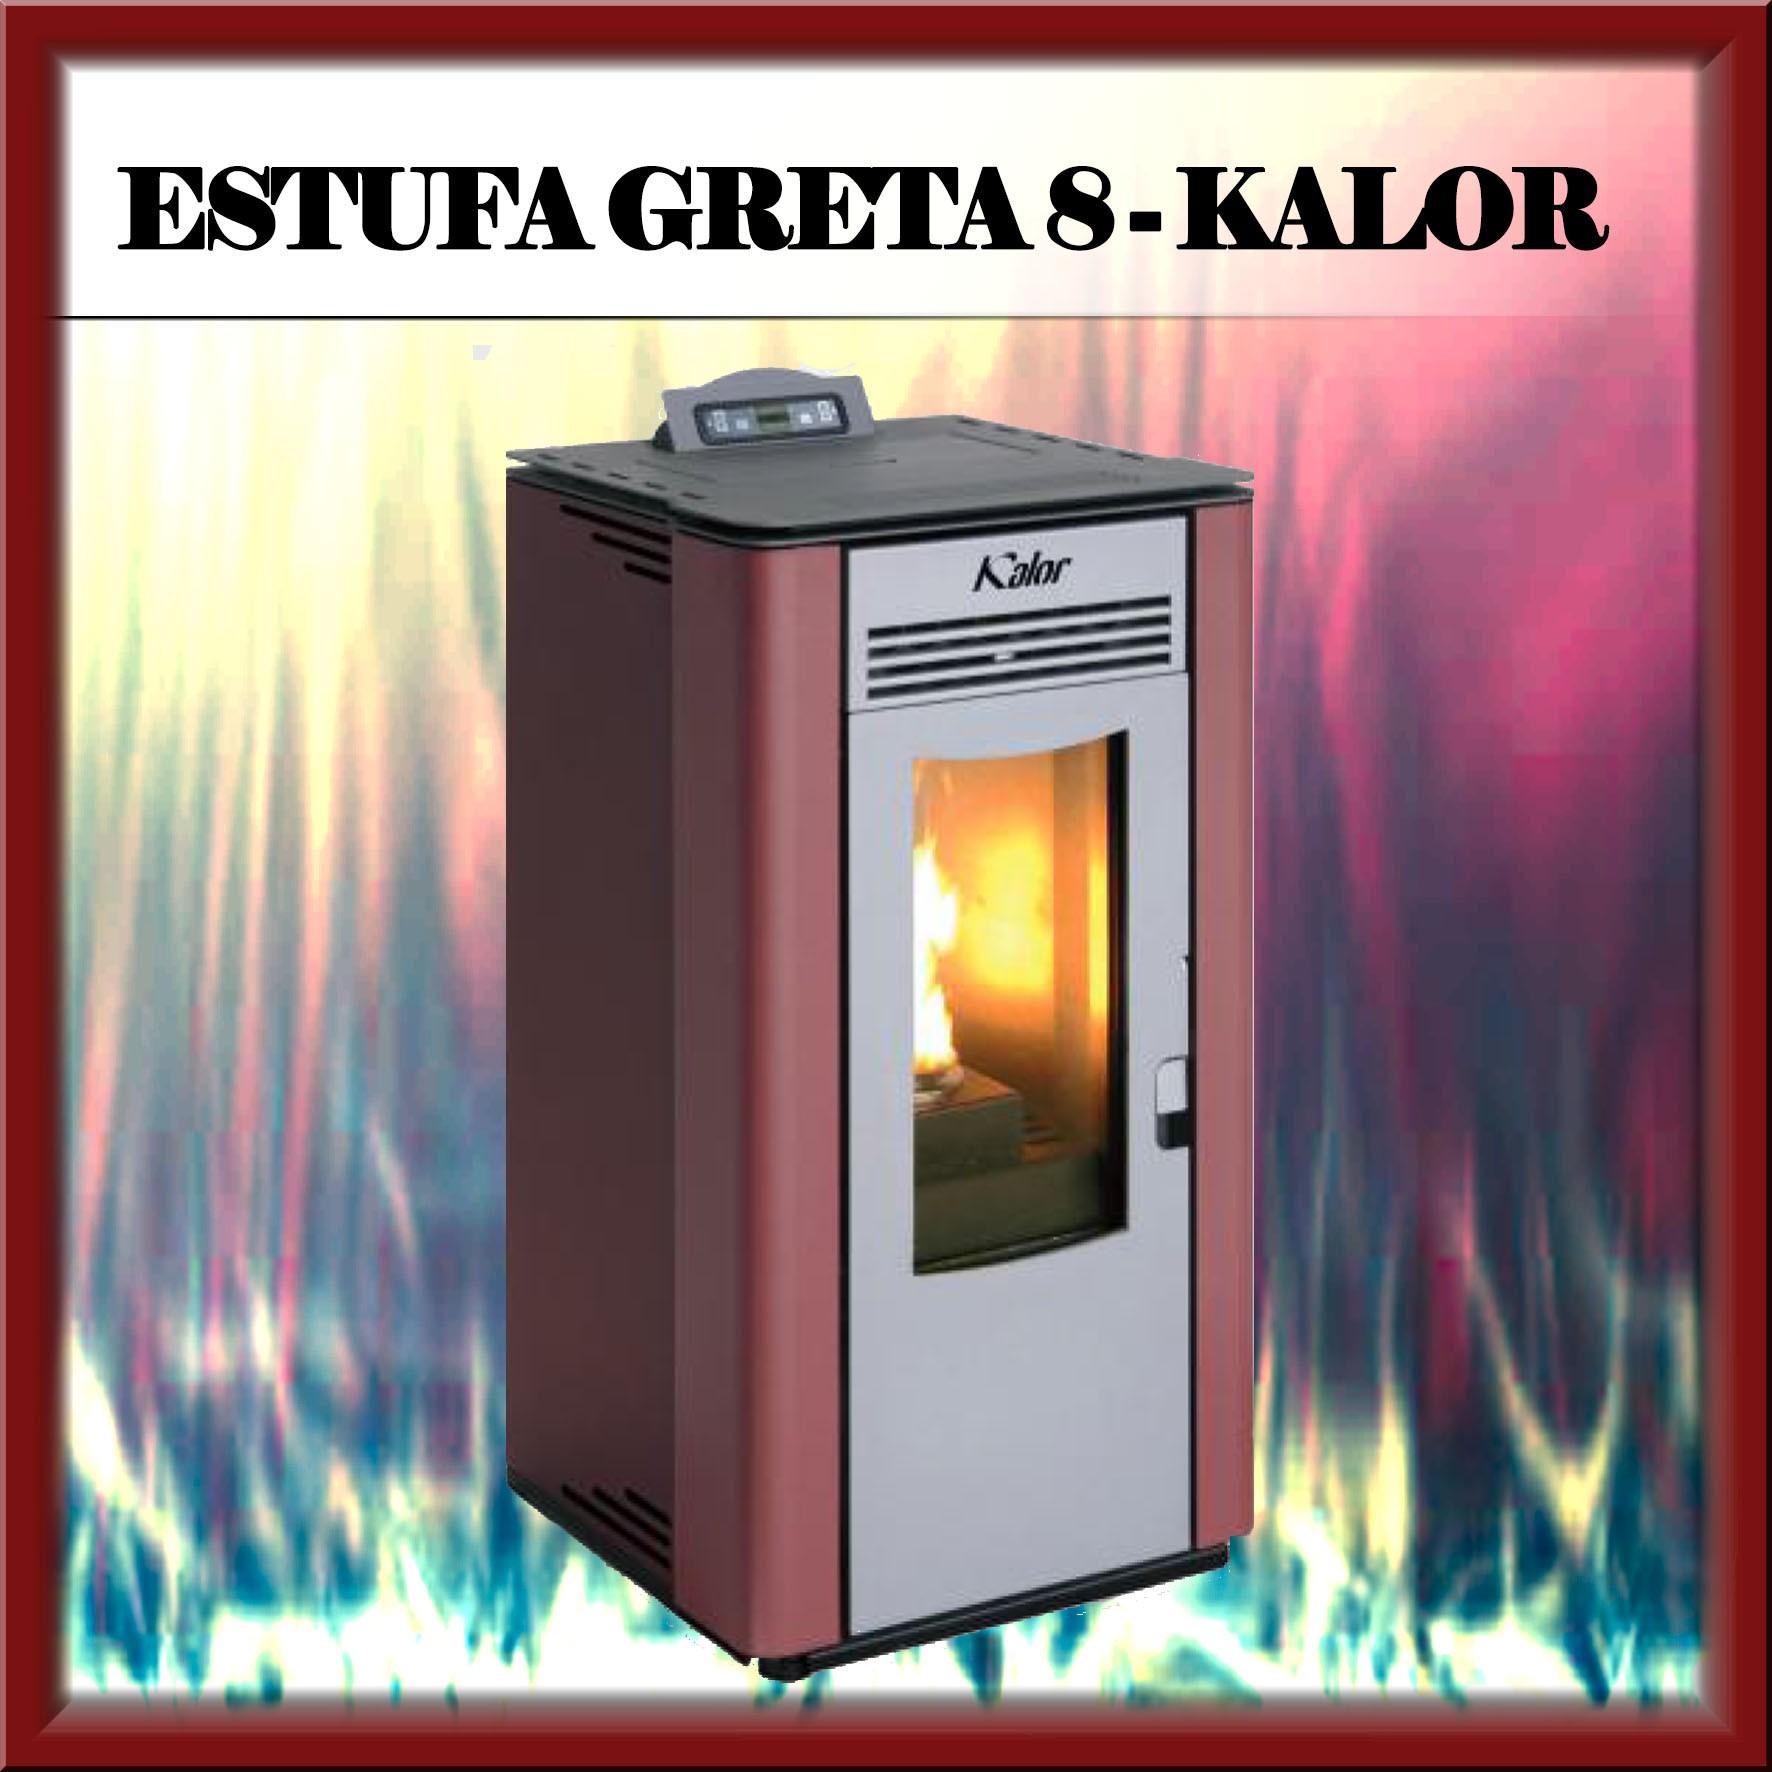 Estufas de pellets baratas estufa de pellets with estufas for Estufas de pellets baratas